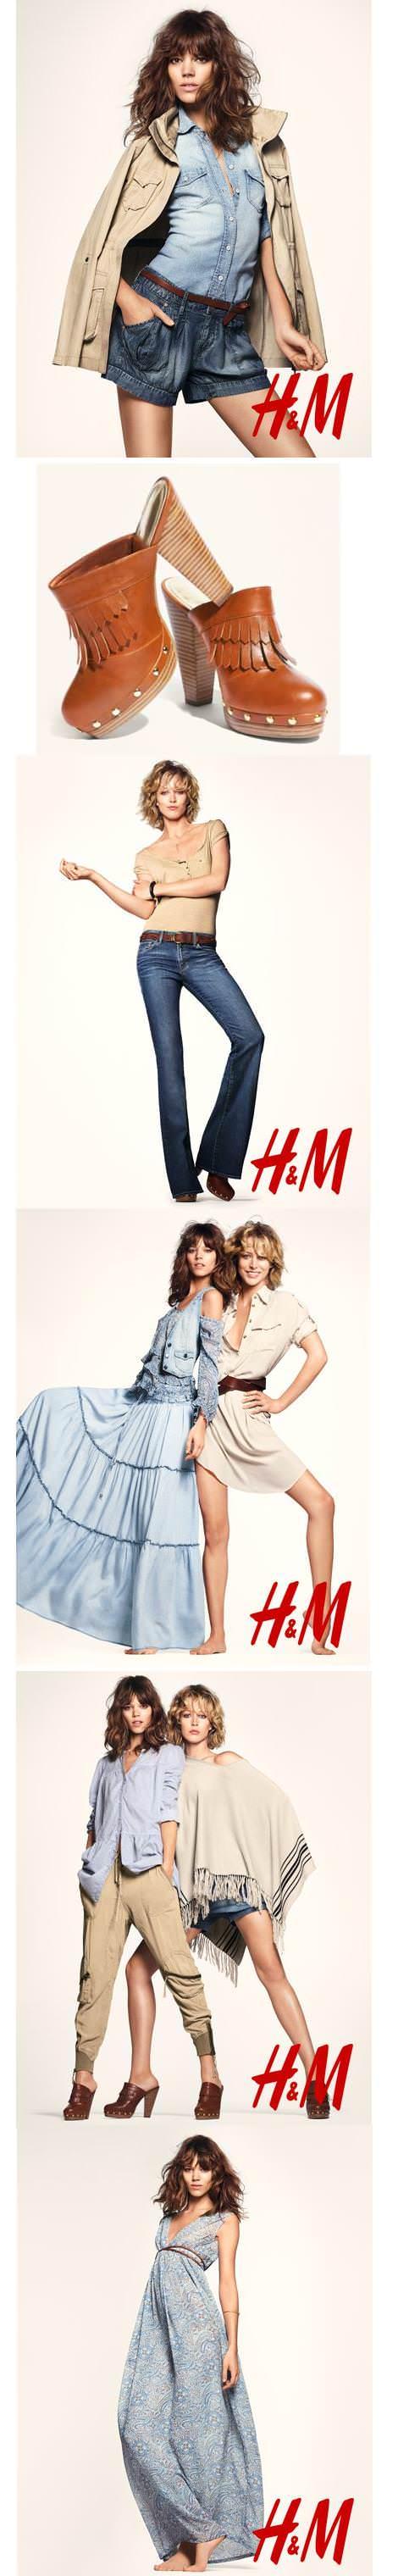 H&M spring awakening 2011